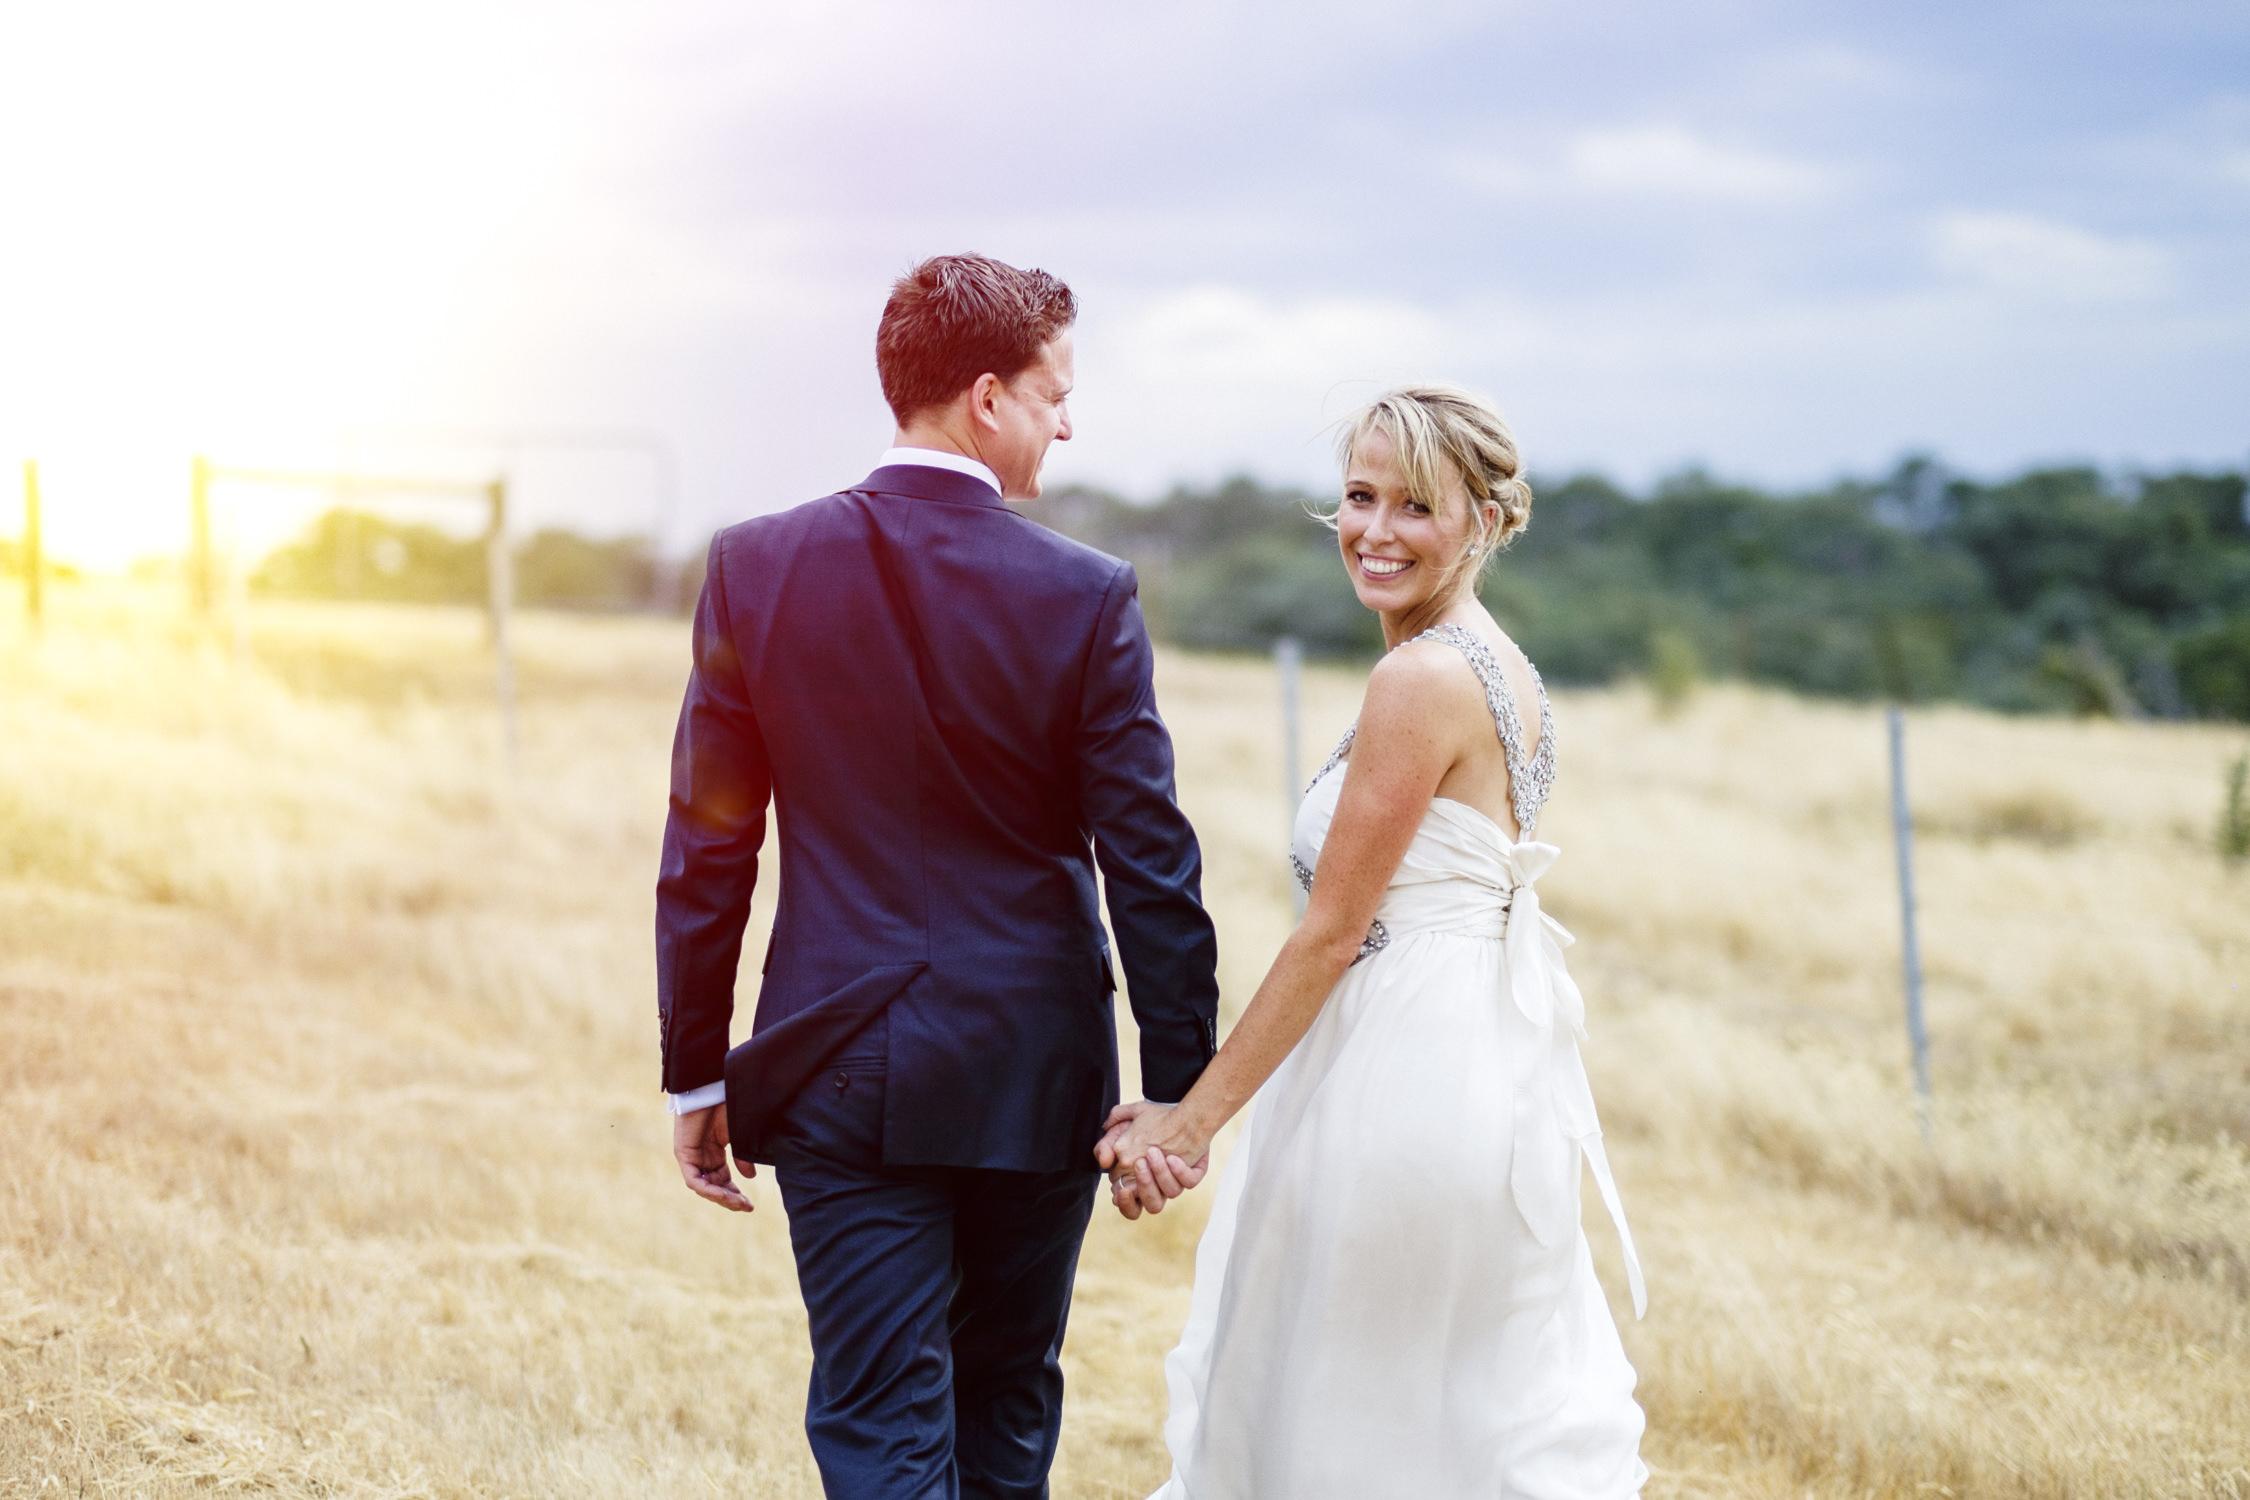 Sophie&Sean_WeddingDay_Prints_022.jpg